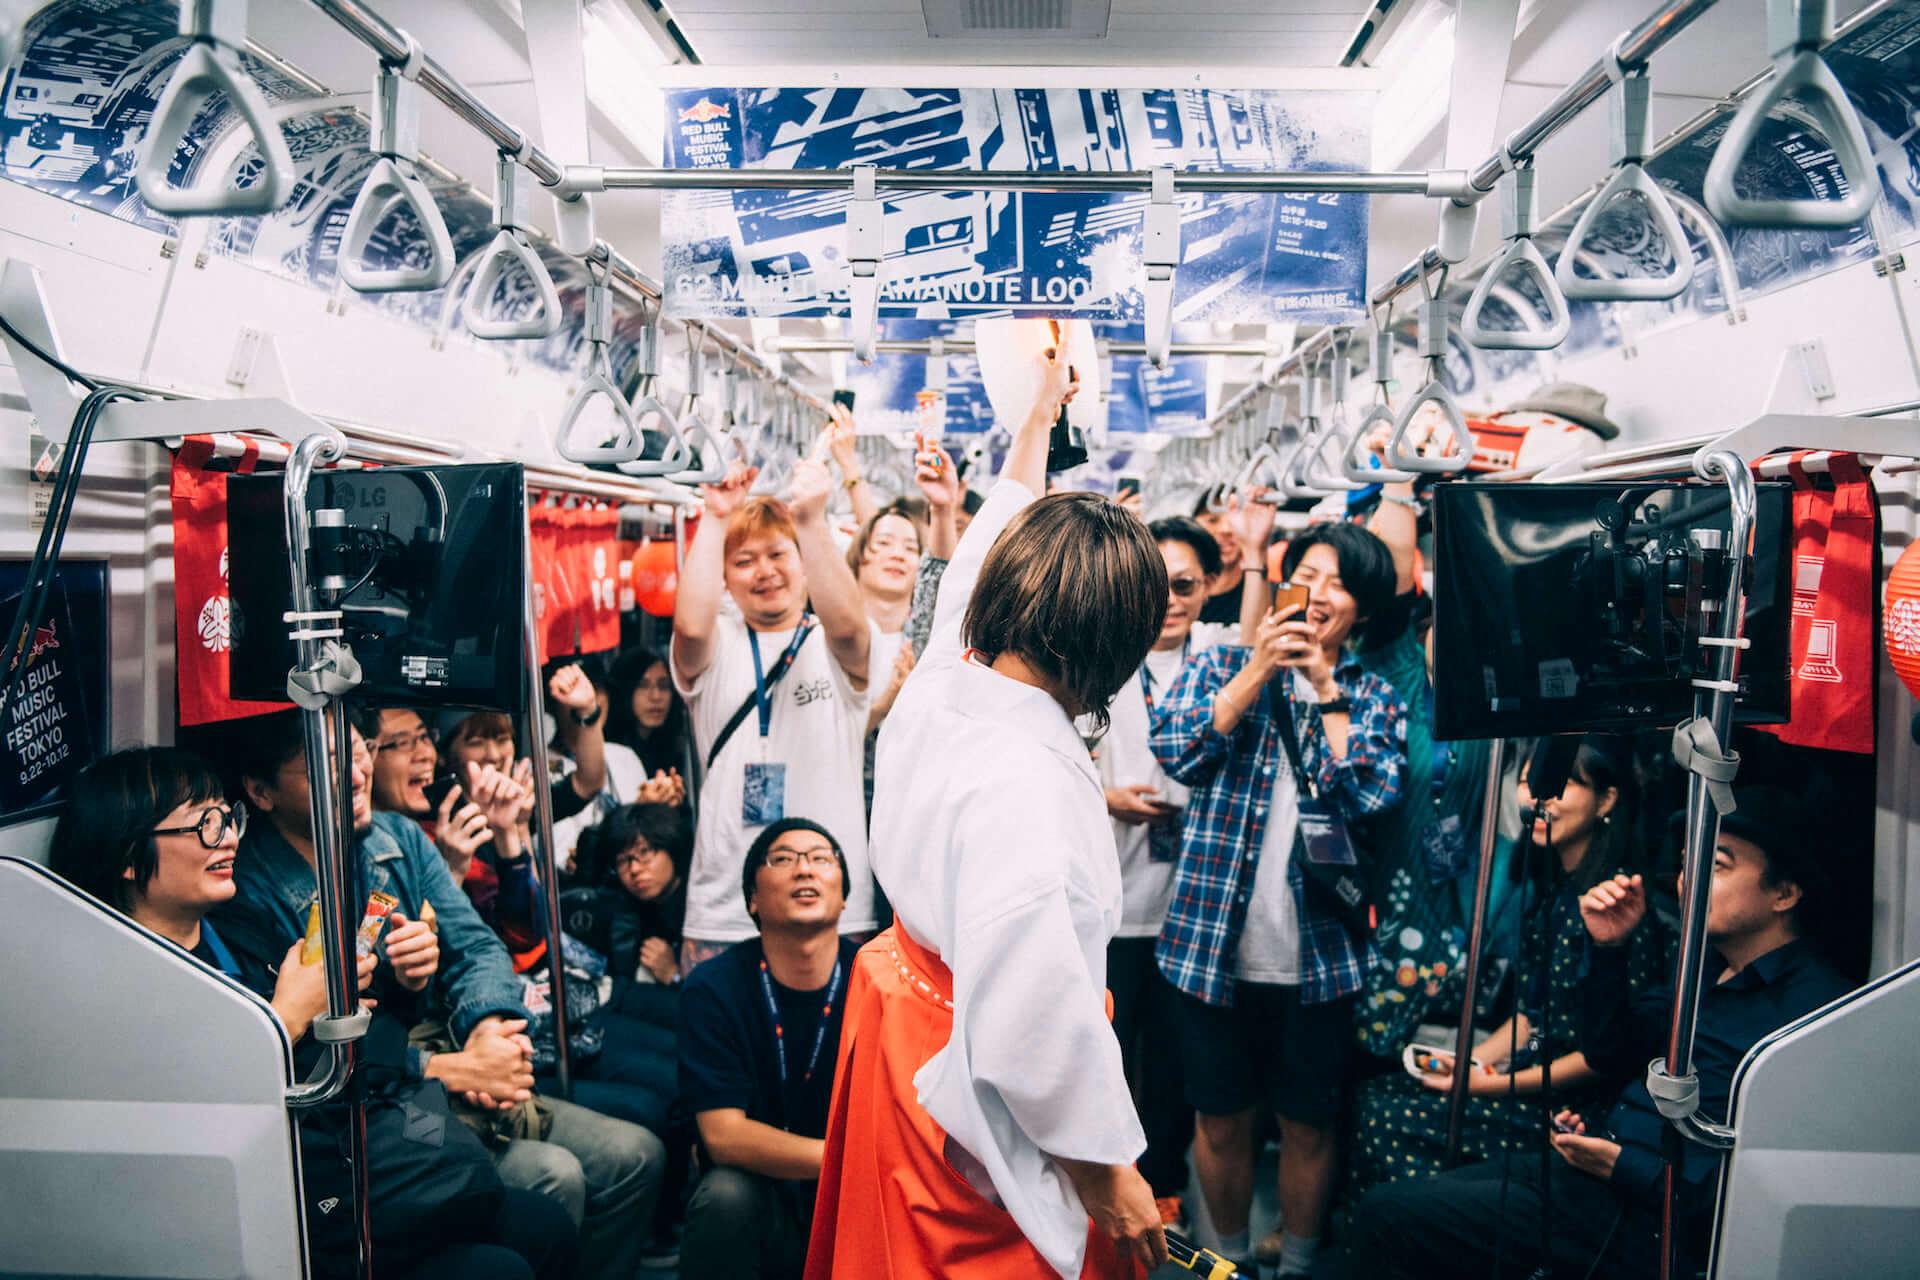 【フォトレポ】RED BULL MUSIC FESTIVAL TOKYO 2018|62 MINUTES YAMANOTE LOOP SS_22092018_62MINUTES_YAMANOTE_LOOP_0007-1920x1280